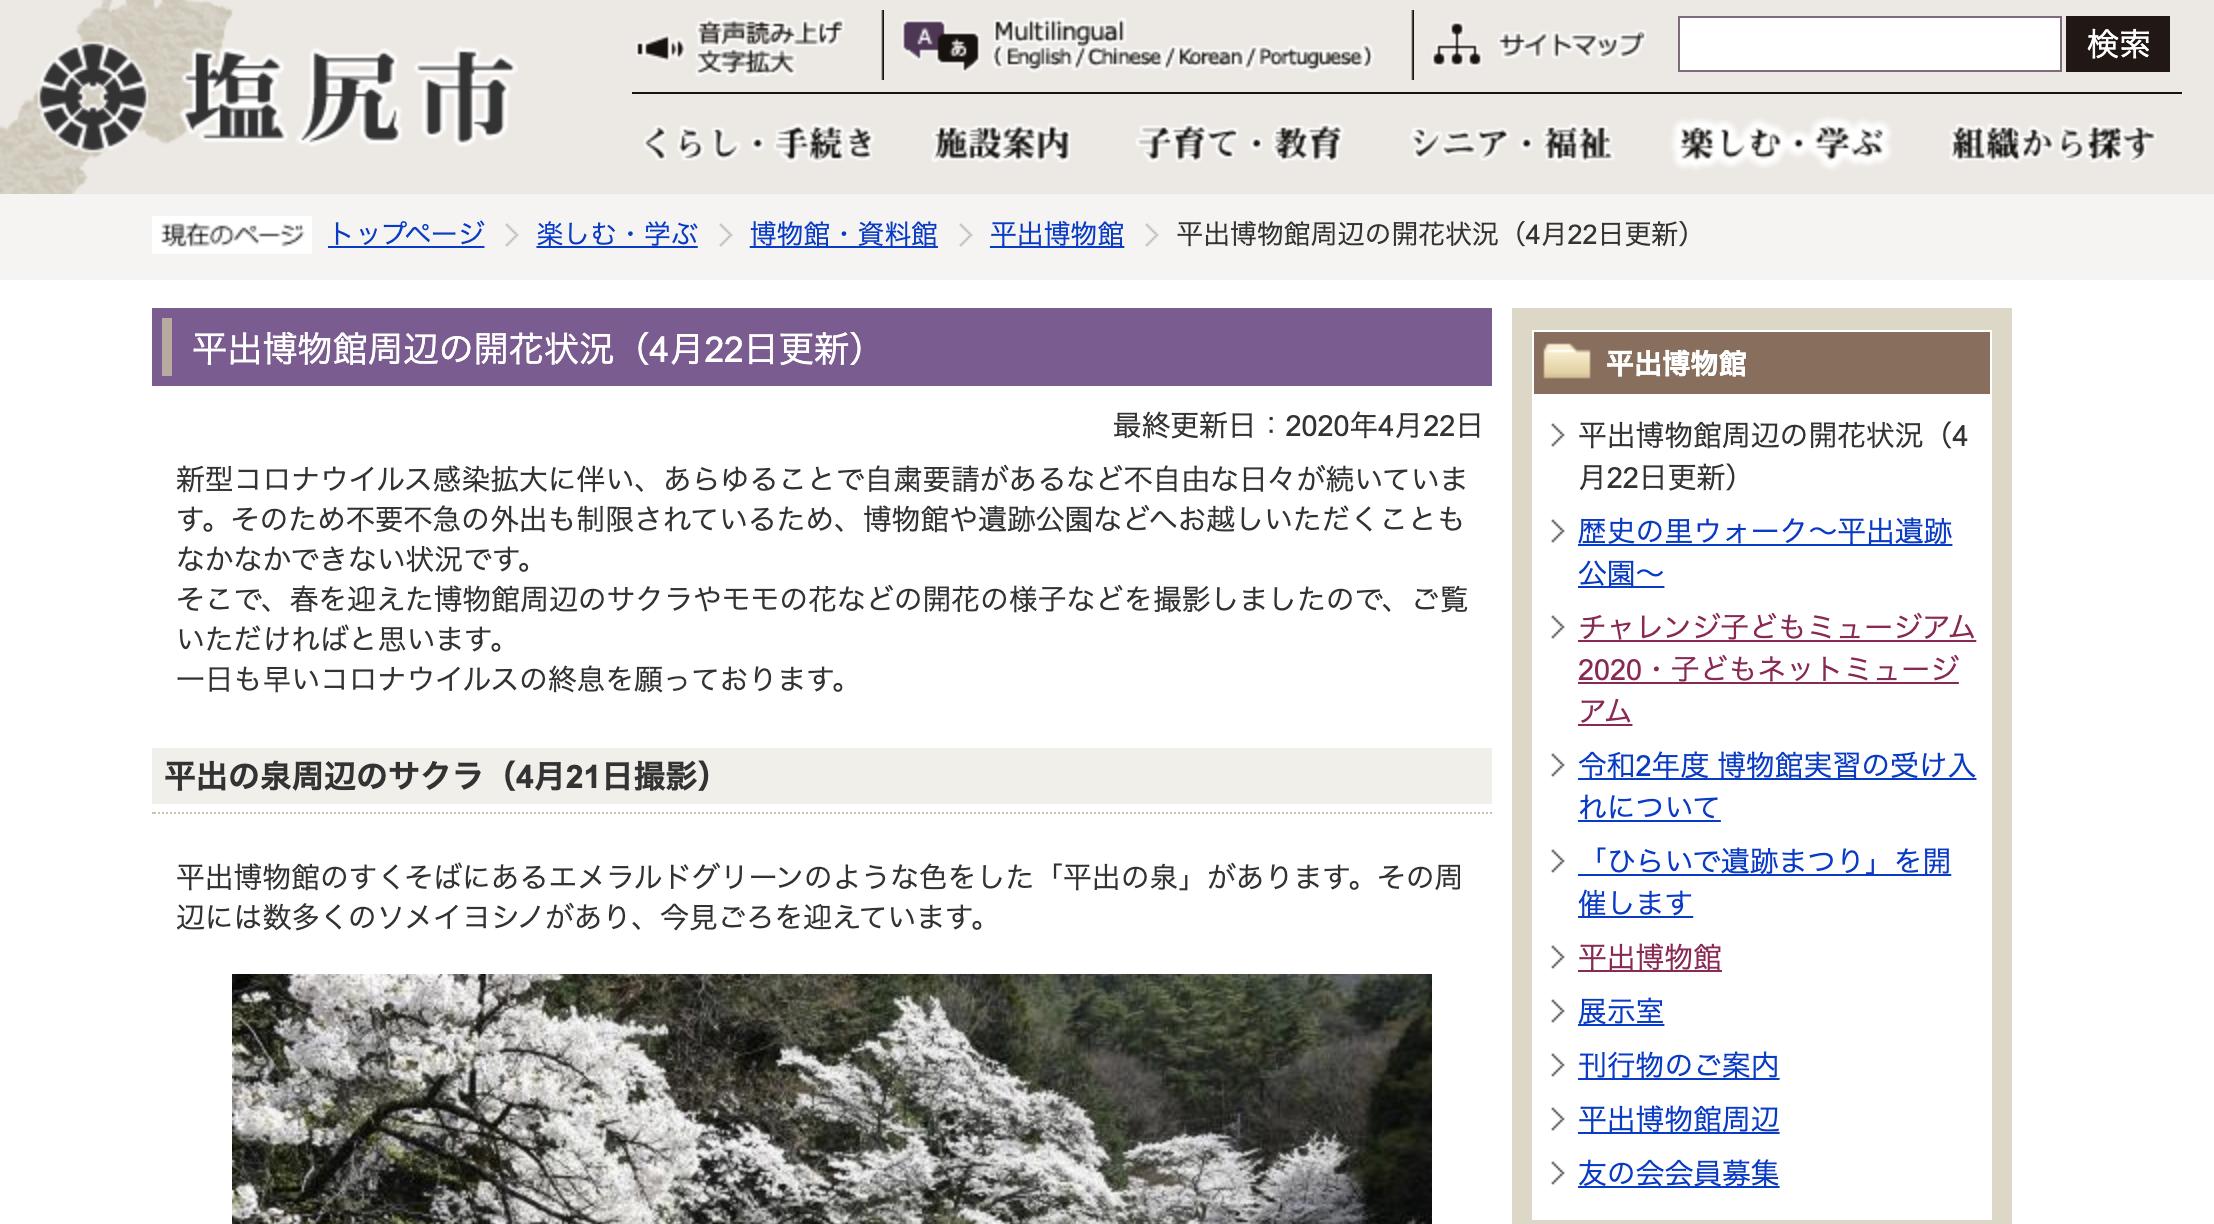 平出博物館ホームページ